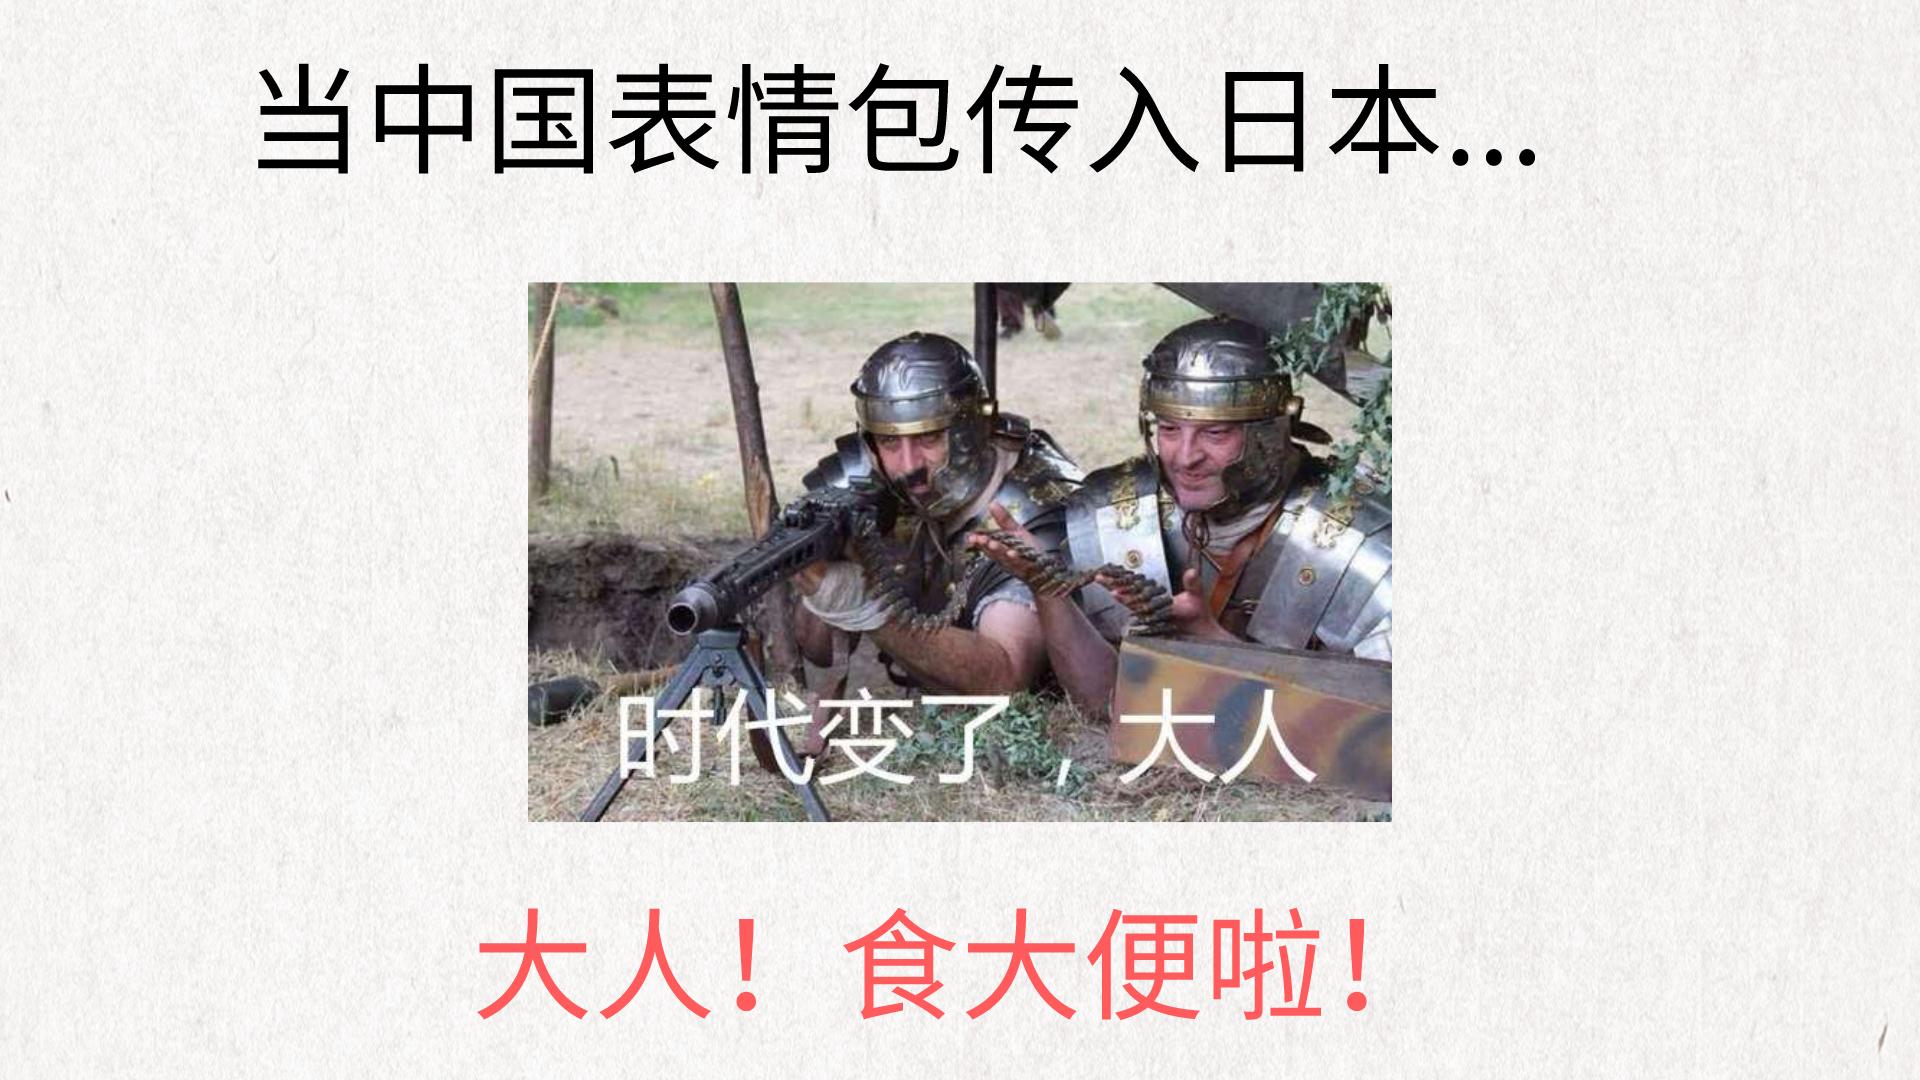 """当中国流行语传入日本之后...""""大人!时代变啦!"""""""